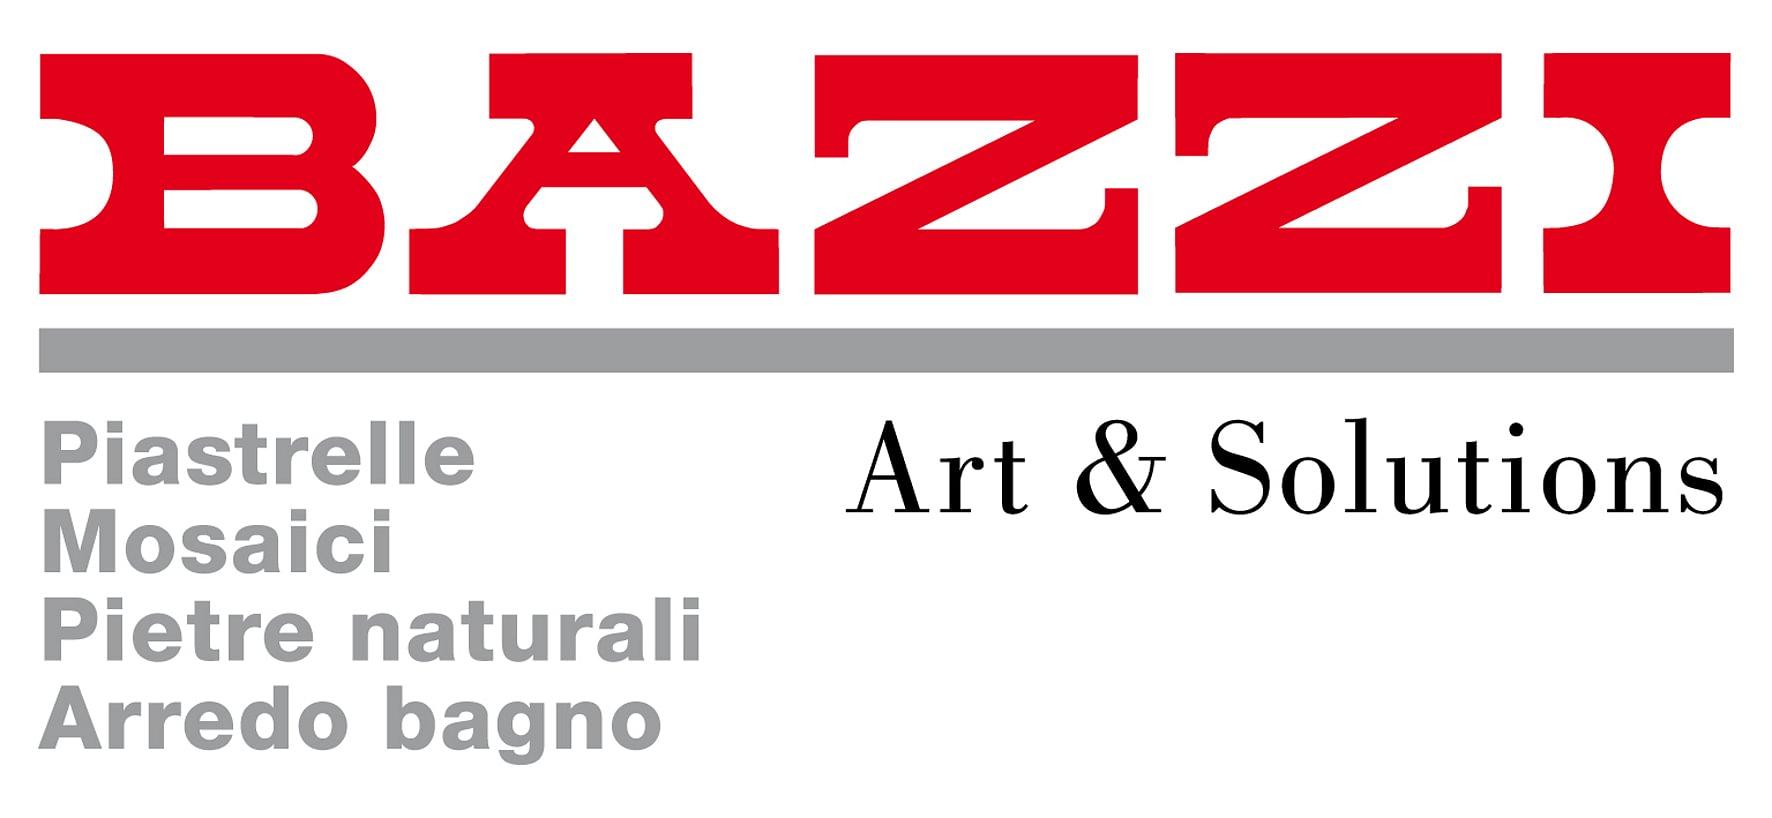 Bazzi - Art & Solutions